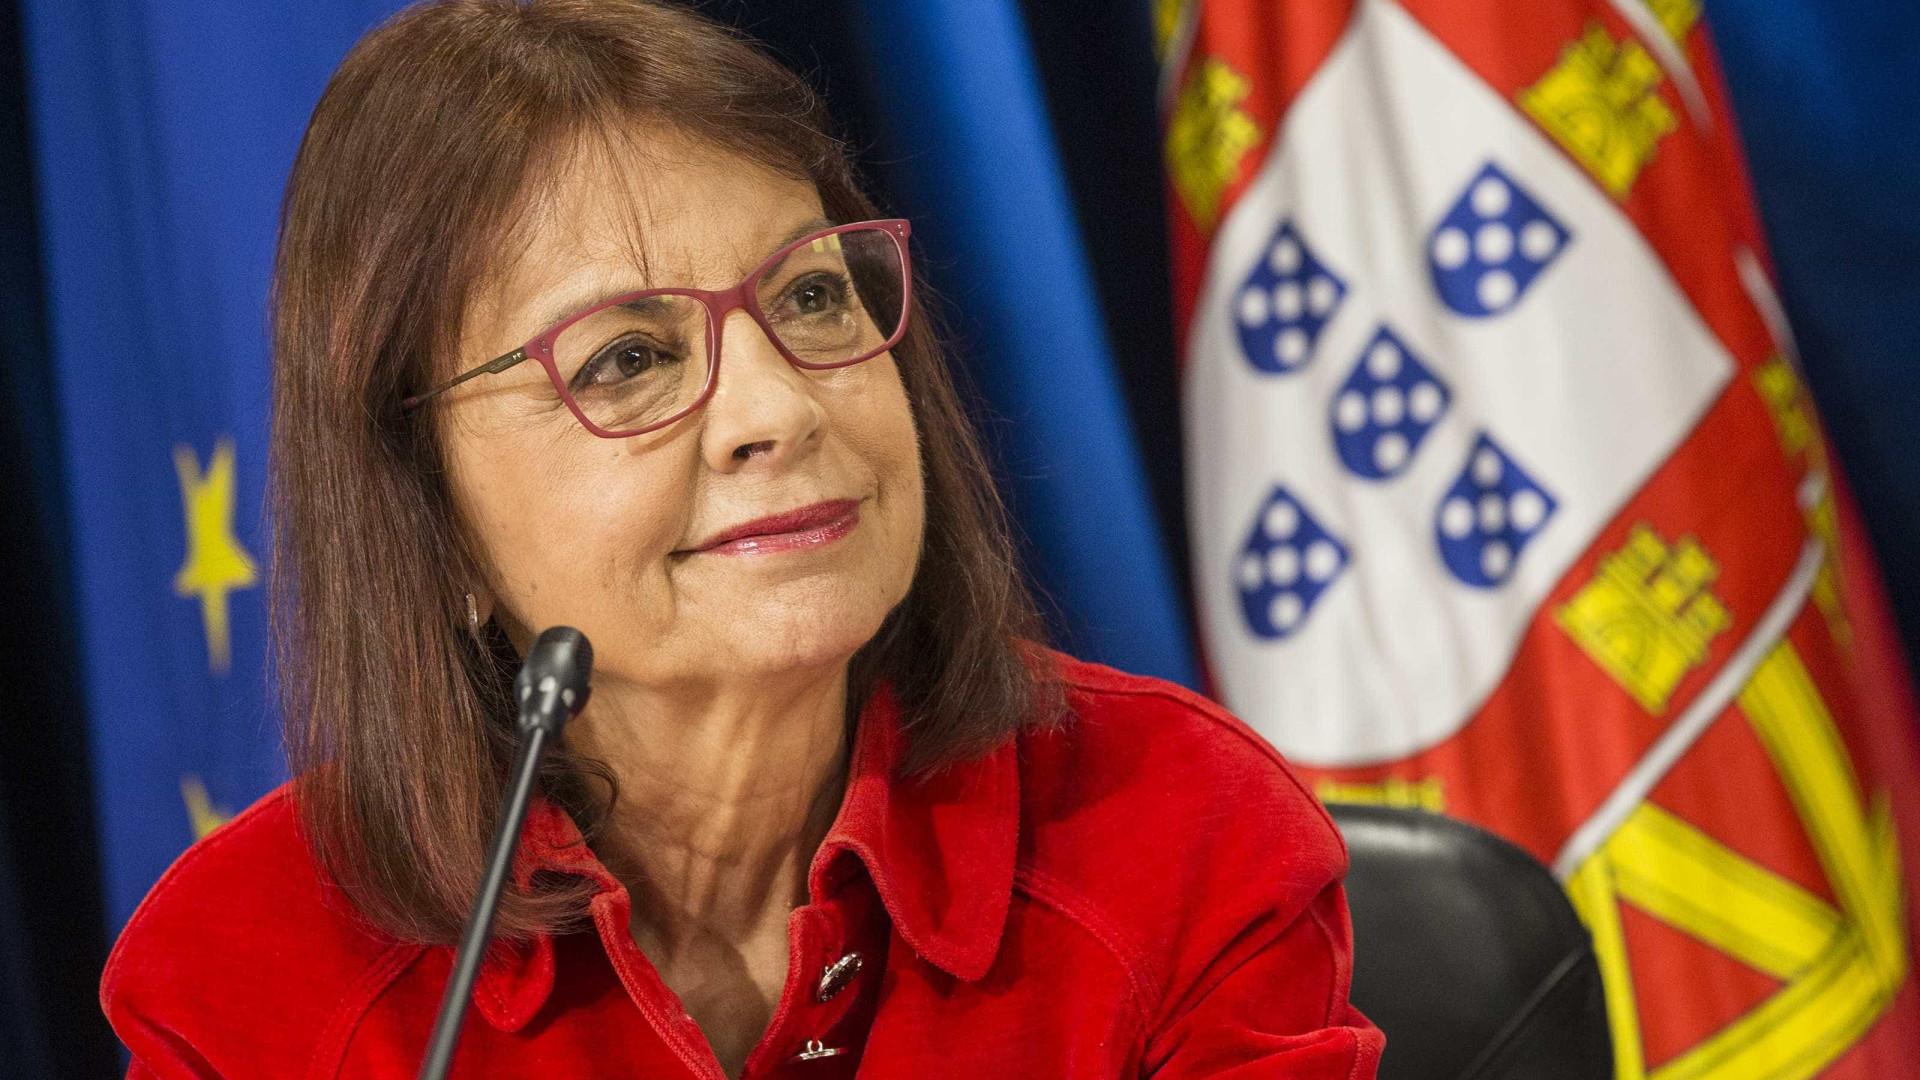 Violência doméstica: Aprovada audição urgente da ministra da Presidência